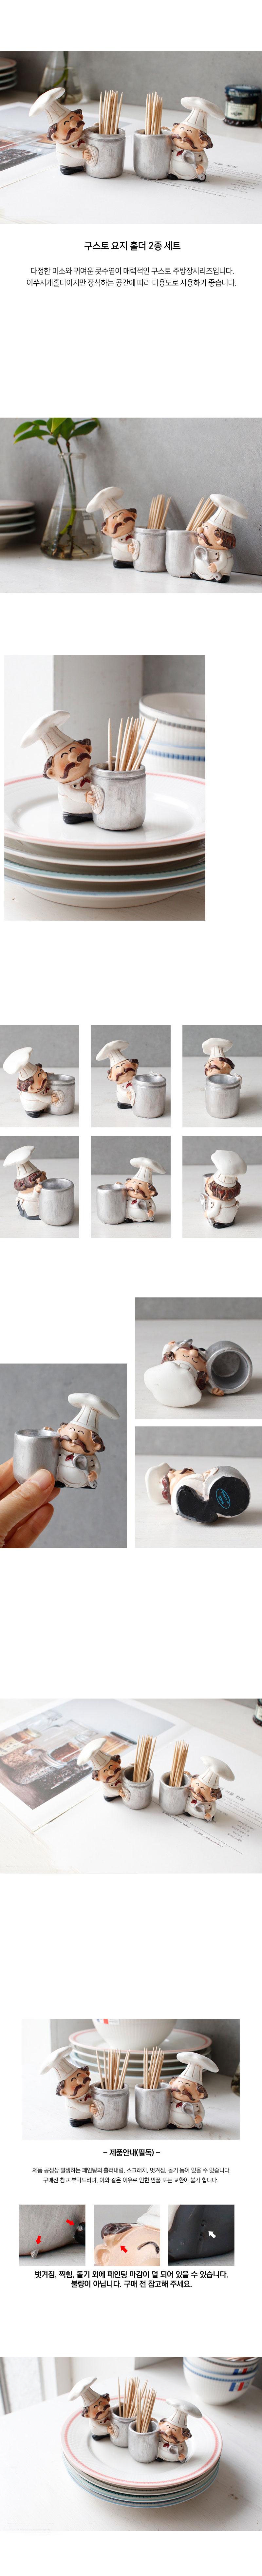 인테리어소품 장식 구스토 요지 홀더 2종 - 안나하우스, 11,000원, 주방소품, 주방 소모품